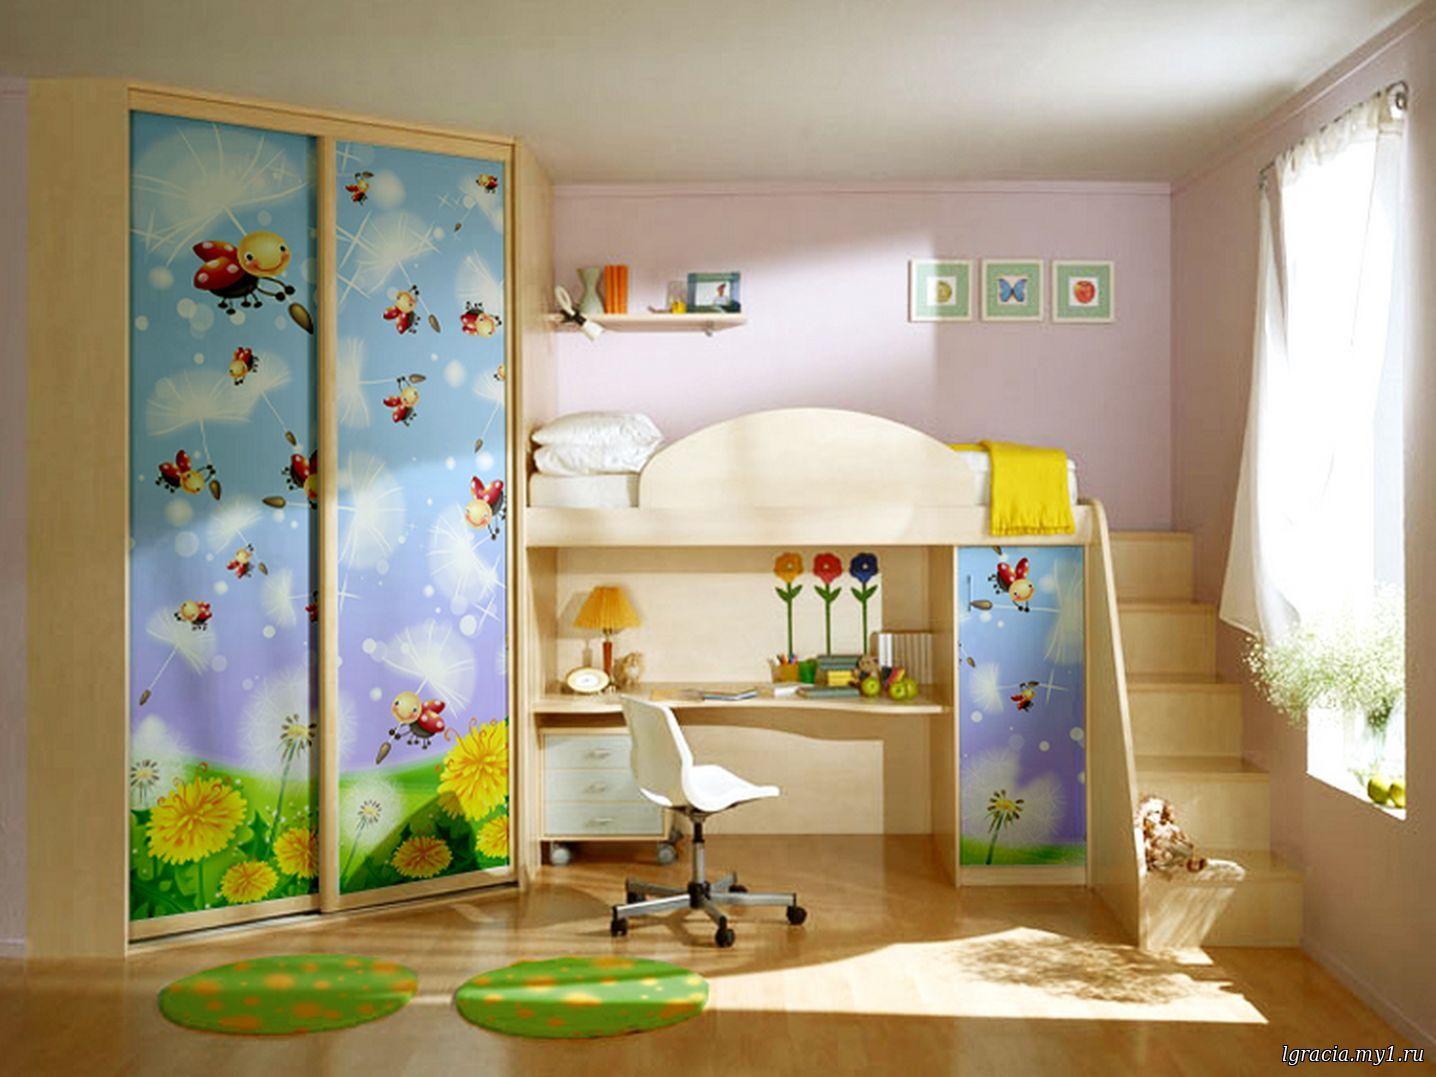 Детская мебель на заказ в херсоне недорого - изготовление де.